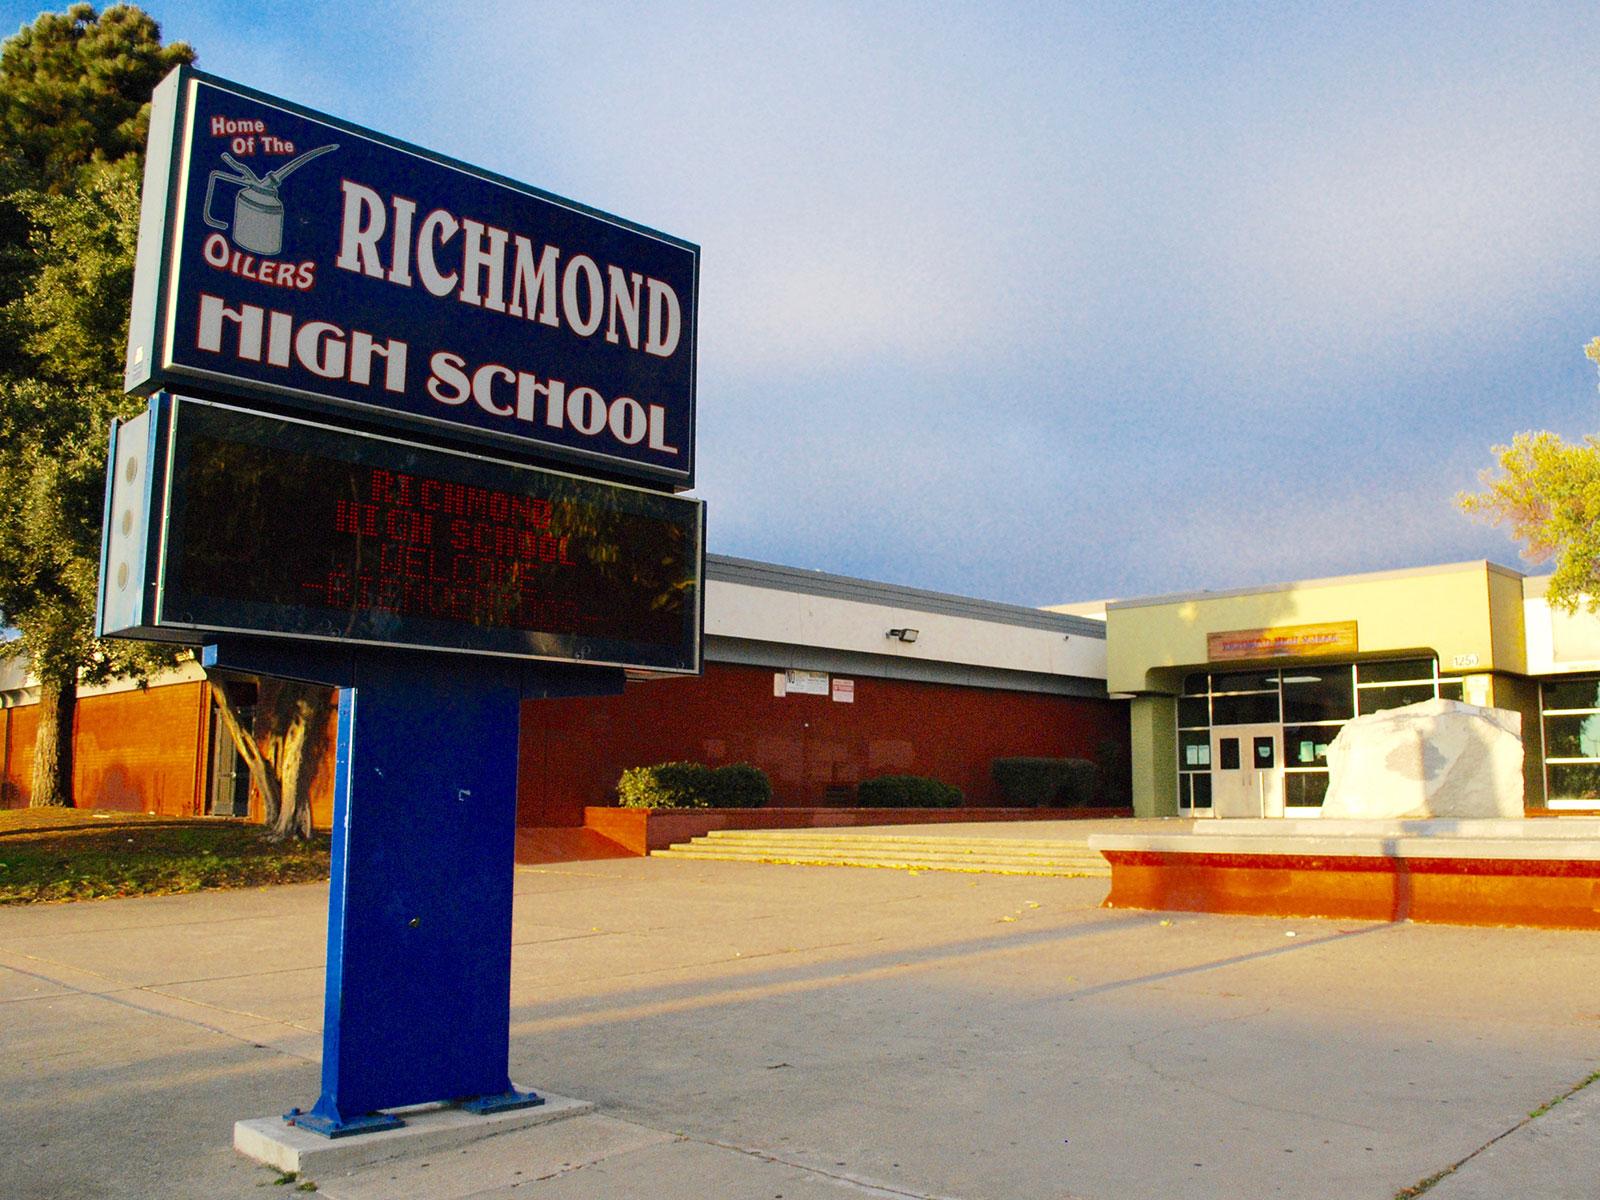 'Kami belanja sekolah untuk orang biasa-biasa saja:' Siswa dan orang tua Richmond mencoba menavigasi sistem pendidikan yang 'rusak'